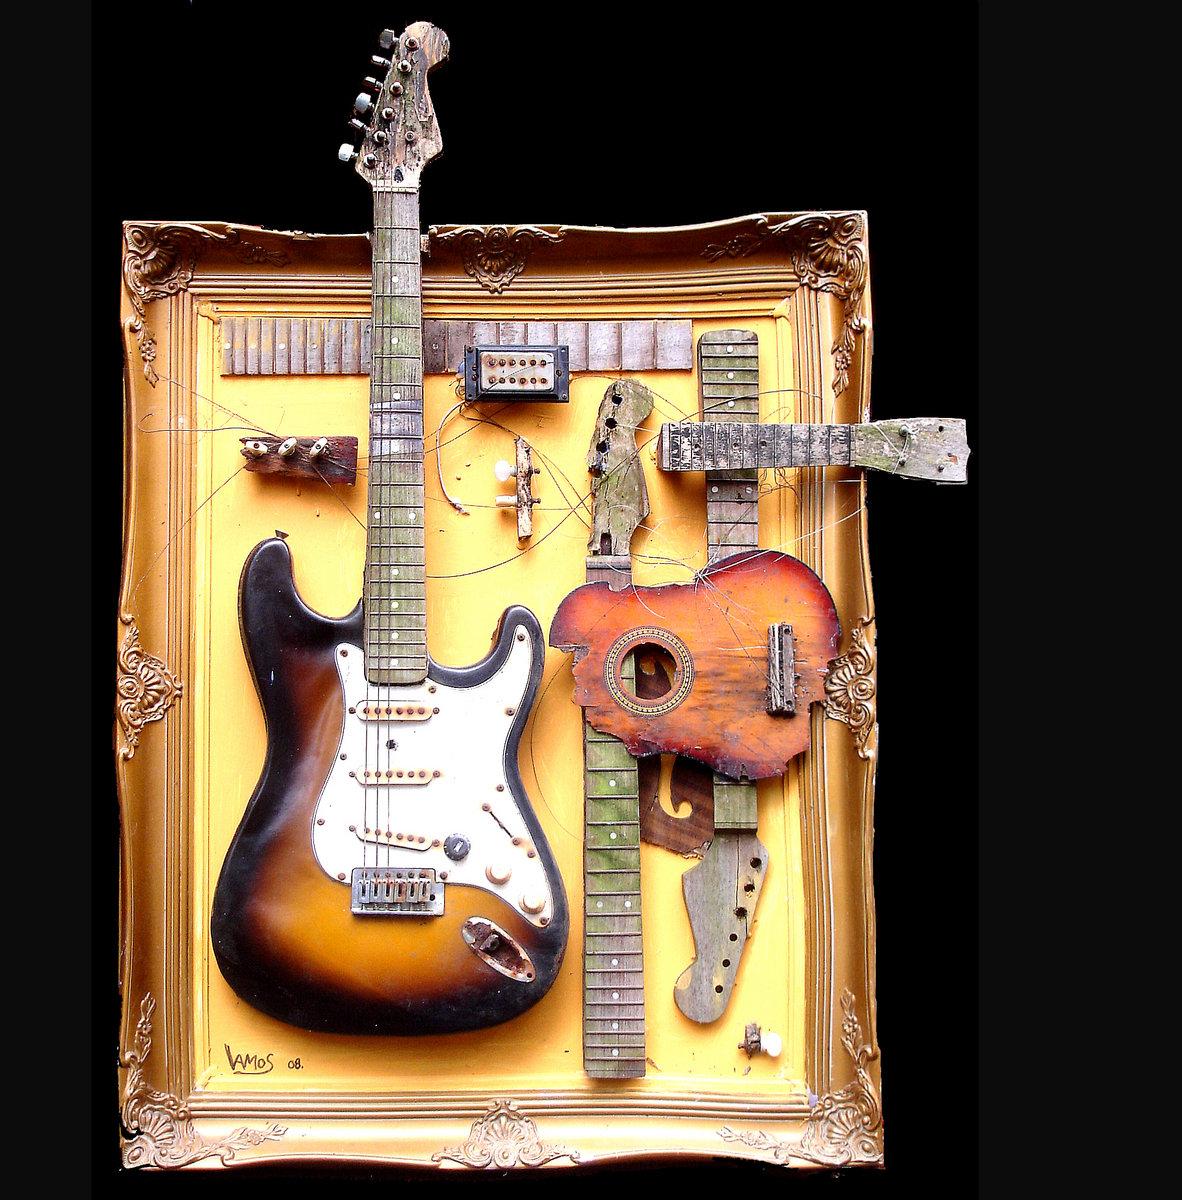 guitarnica mixed media guitar sculpture 80 x 100. Black Bedroom Furniture Sets. Home Design Ideas